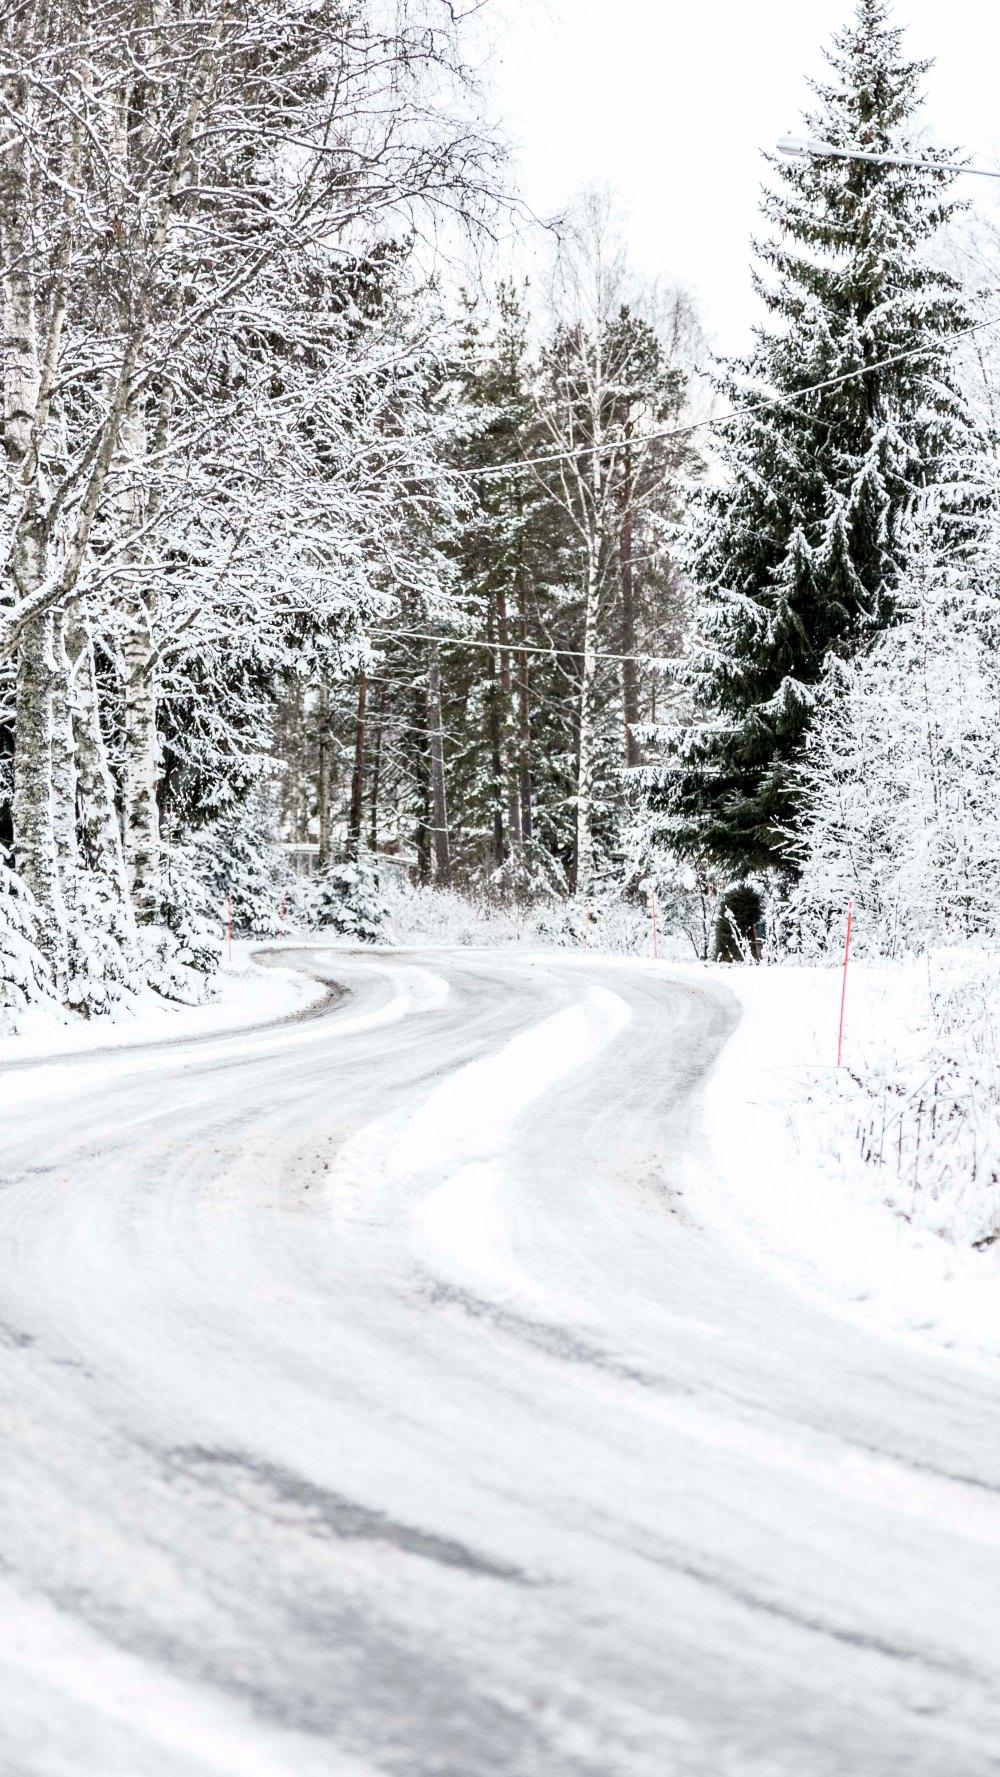 Ensimmäinen talvipäivä_2